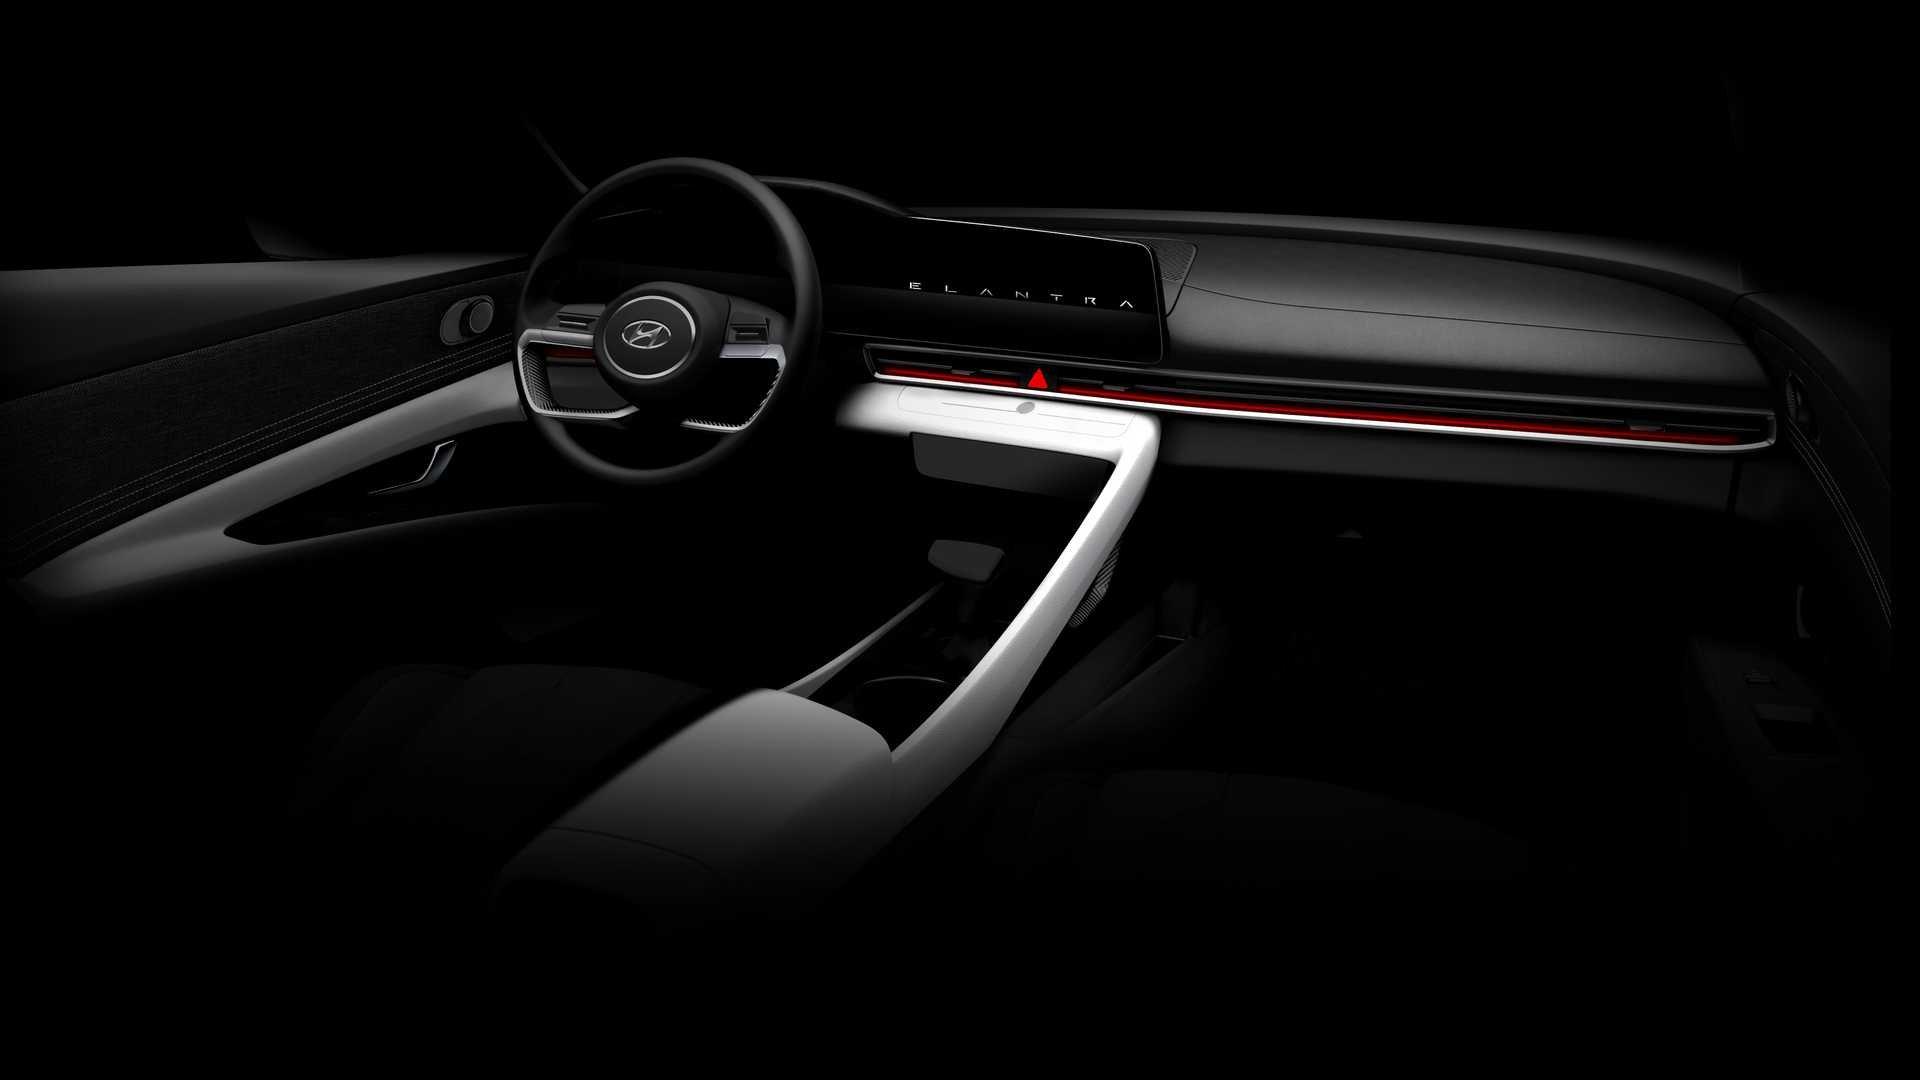 Следующее поколение Hyundai Elantra удивит дизайном (ФОТО)